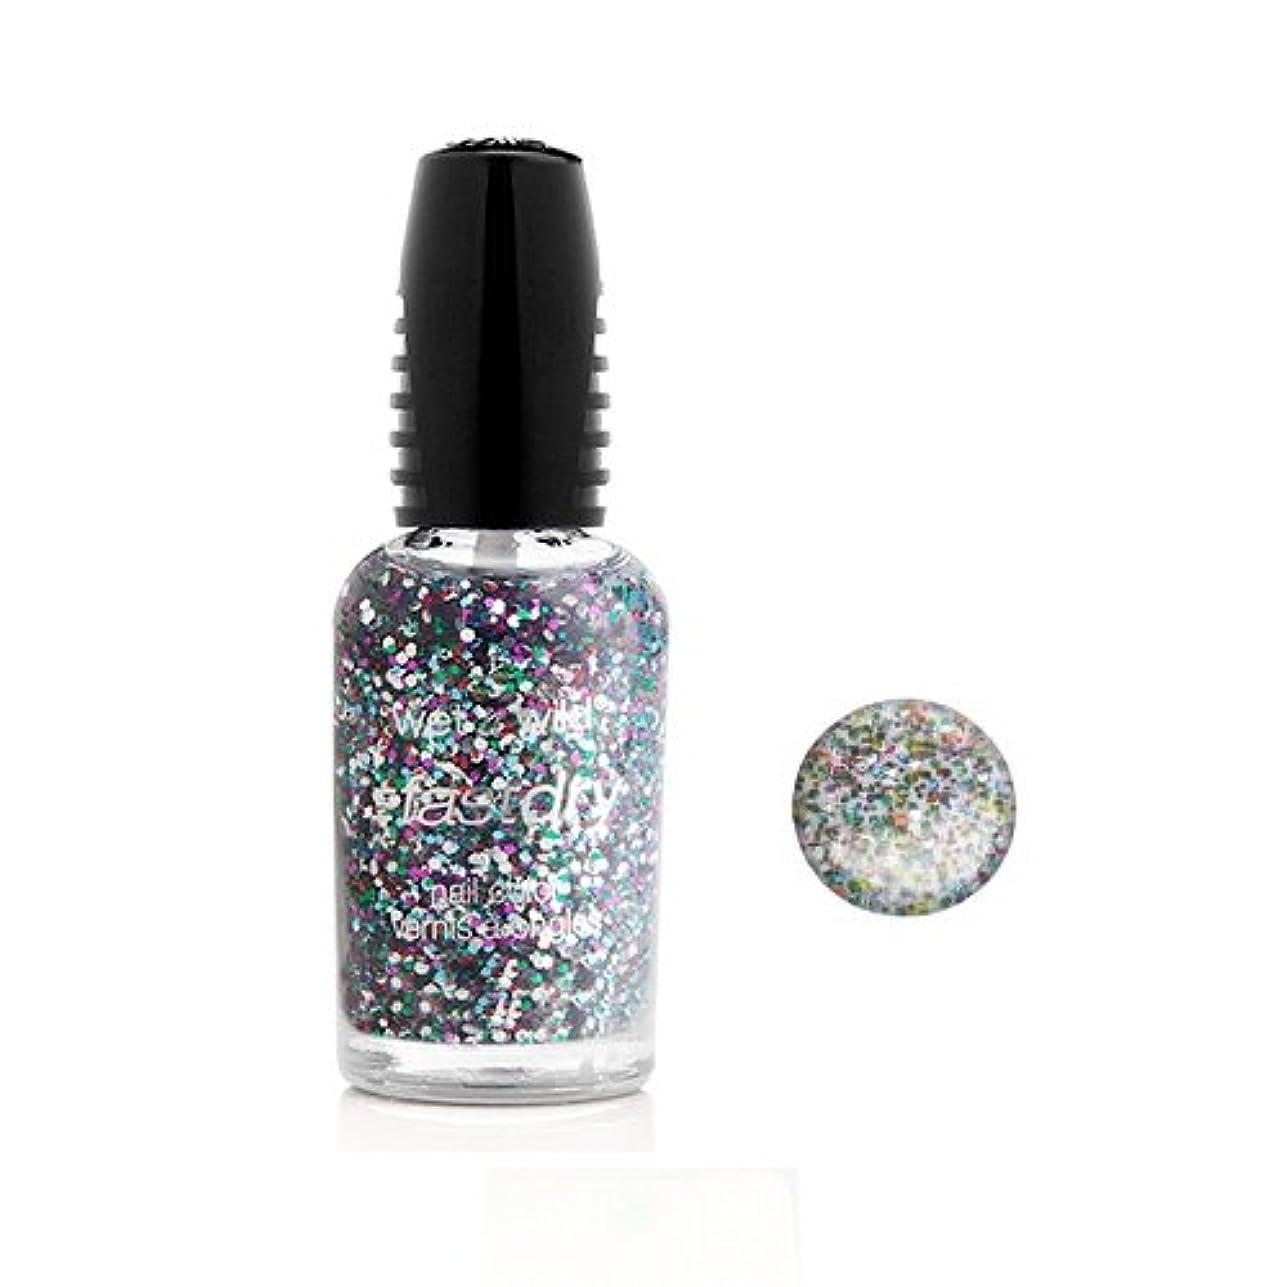 悩む上がるお世話になったWET N WILD Fastdry Nail Color - Party of Five Glitters (並行輸入品)